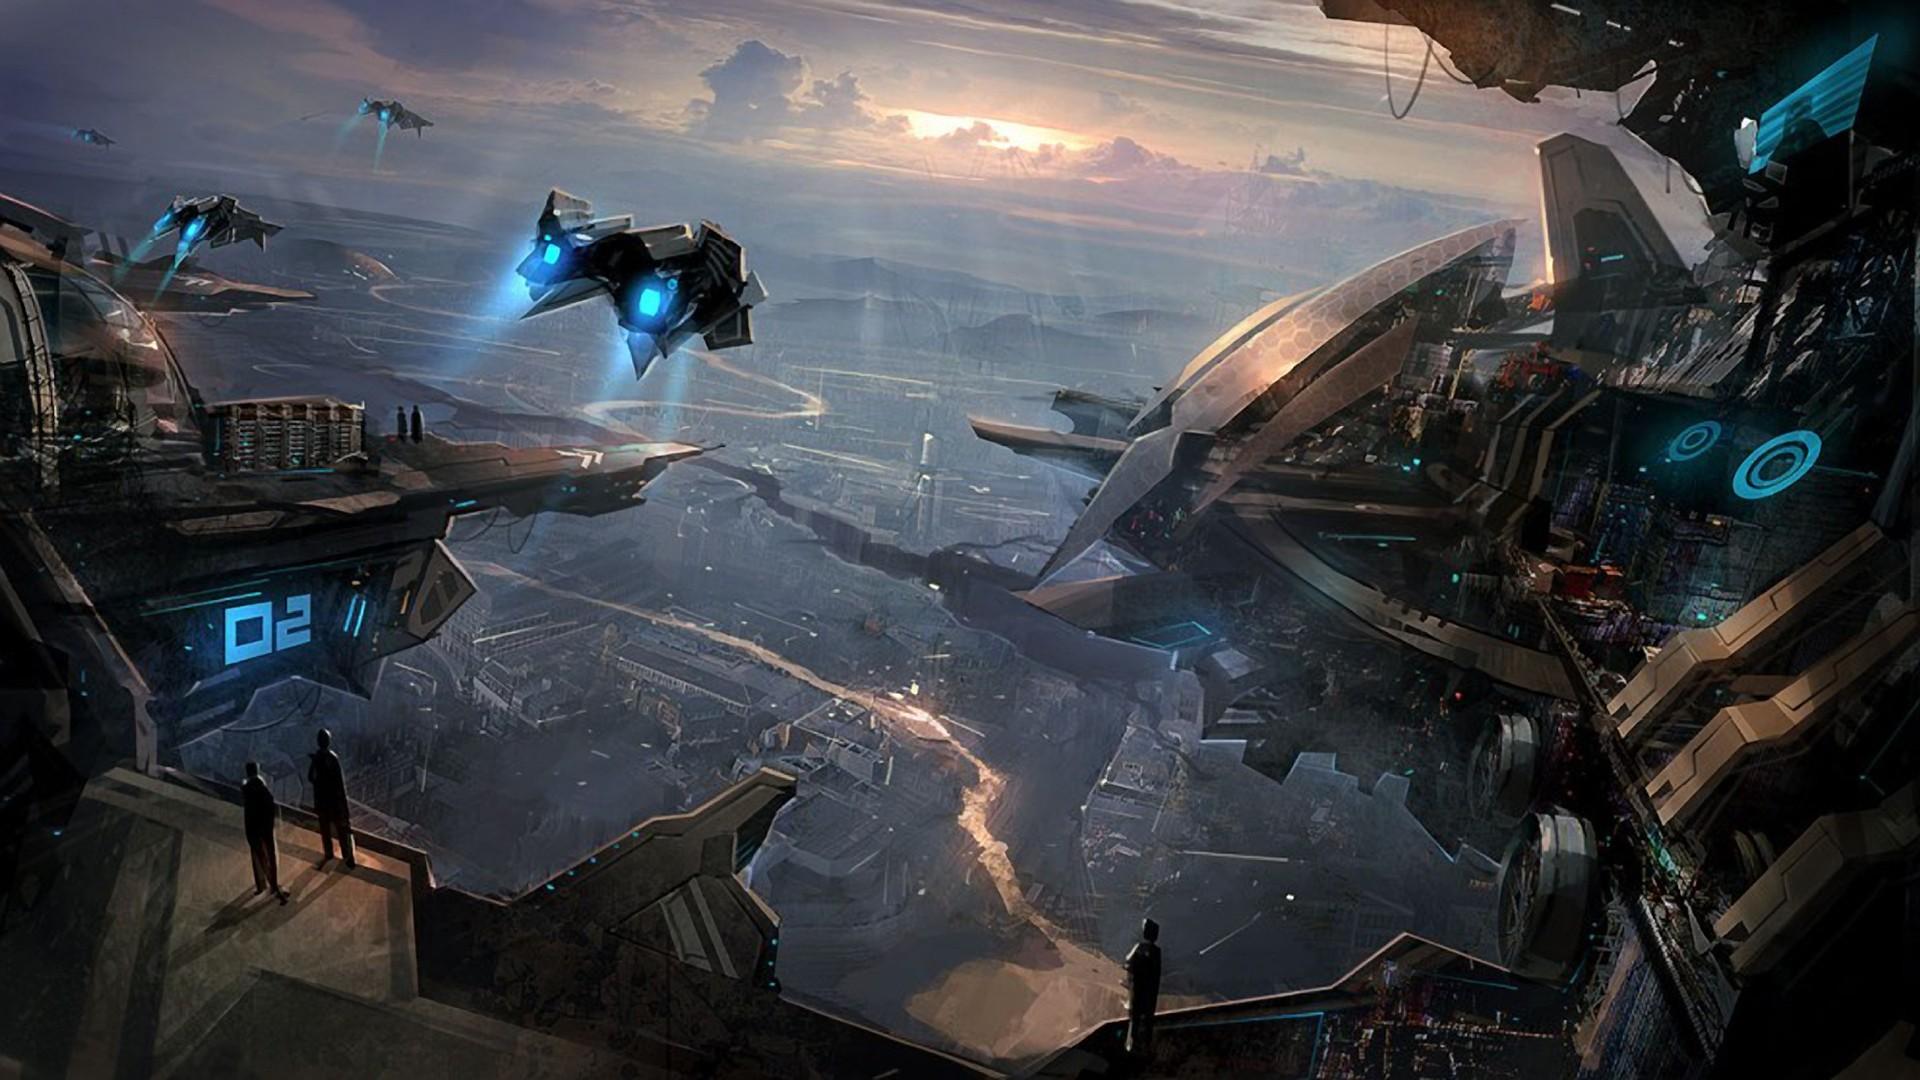 ships in the futuristic city hd wallpaper x